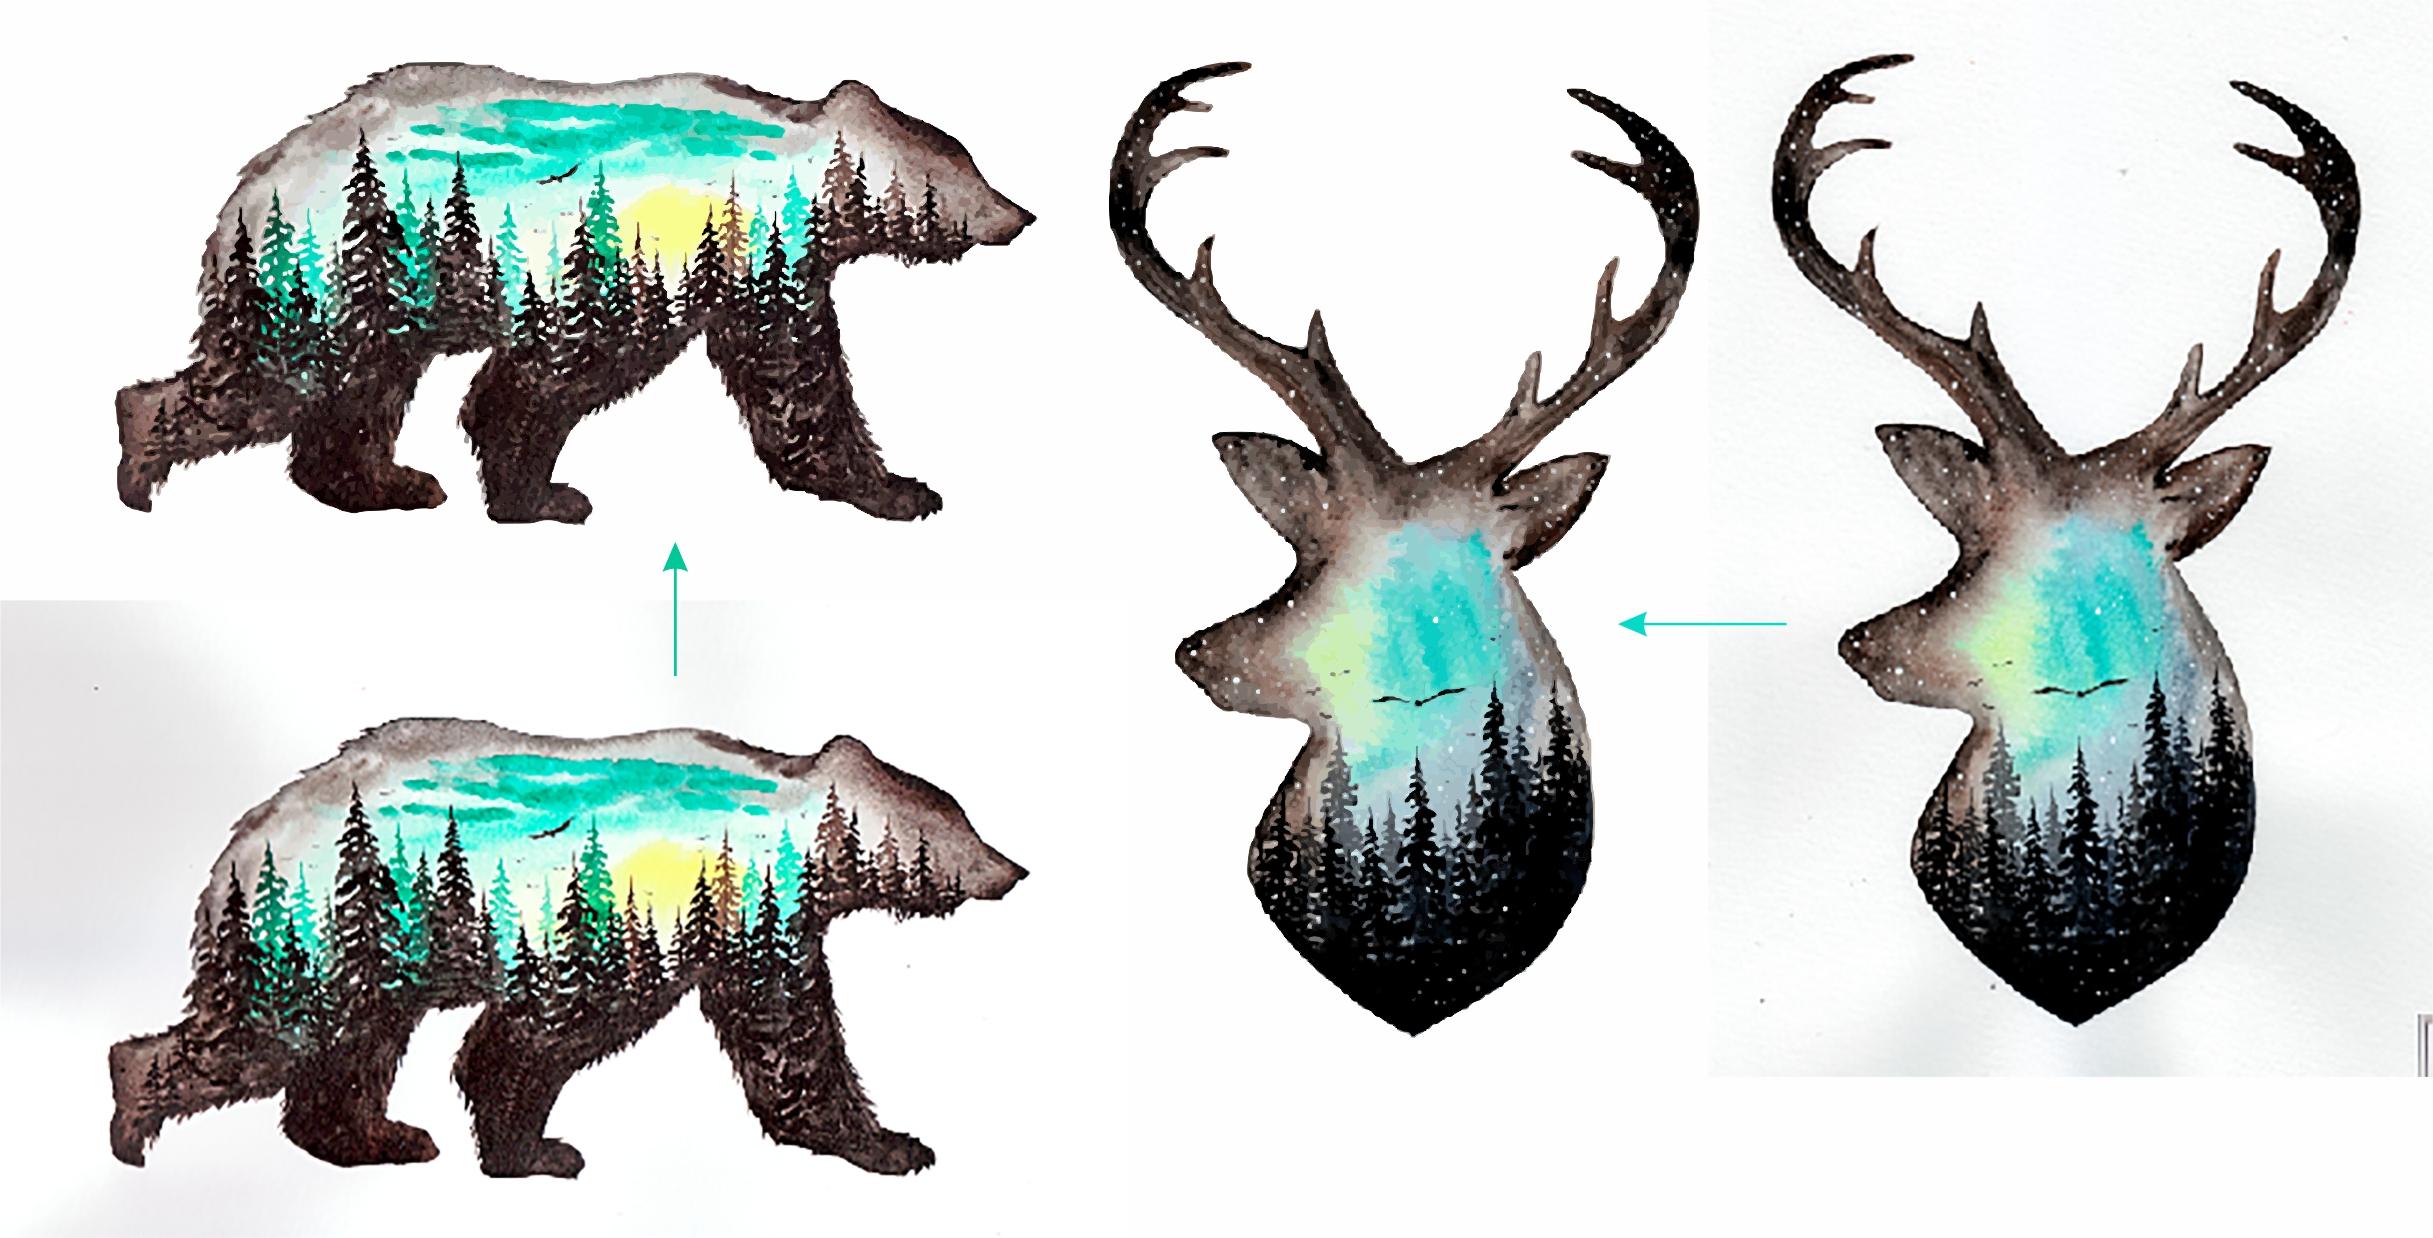 Отрисовка растрового изображения в векторе